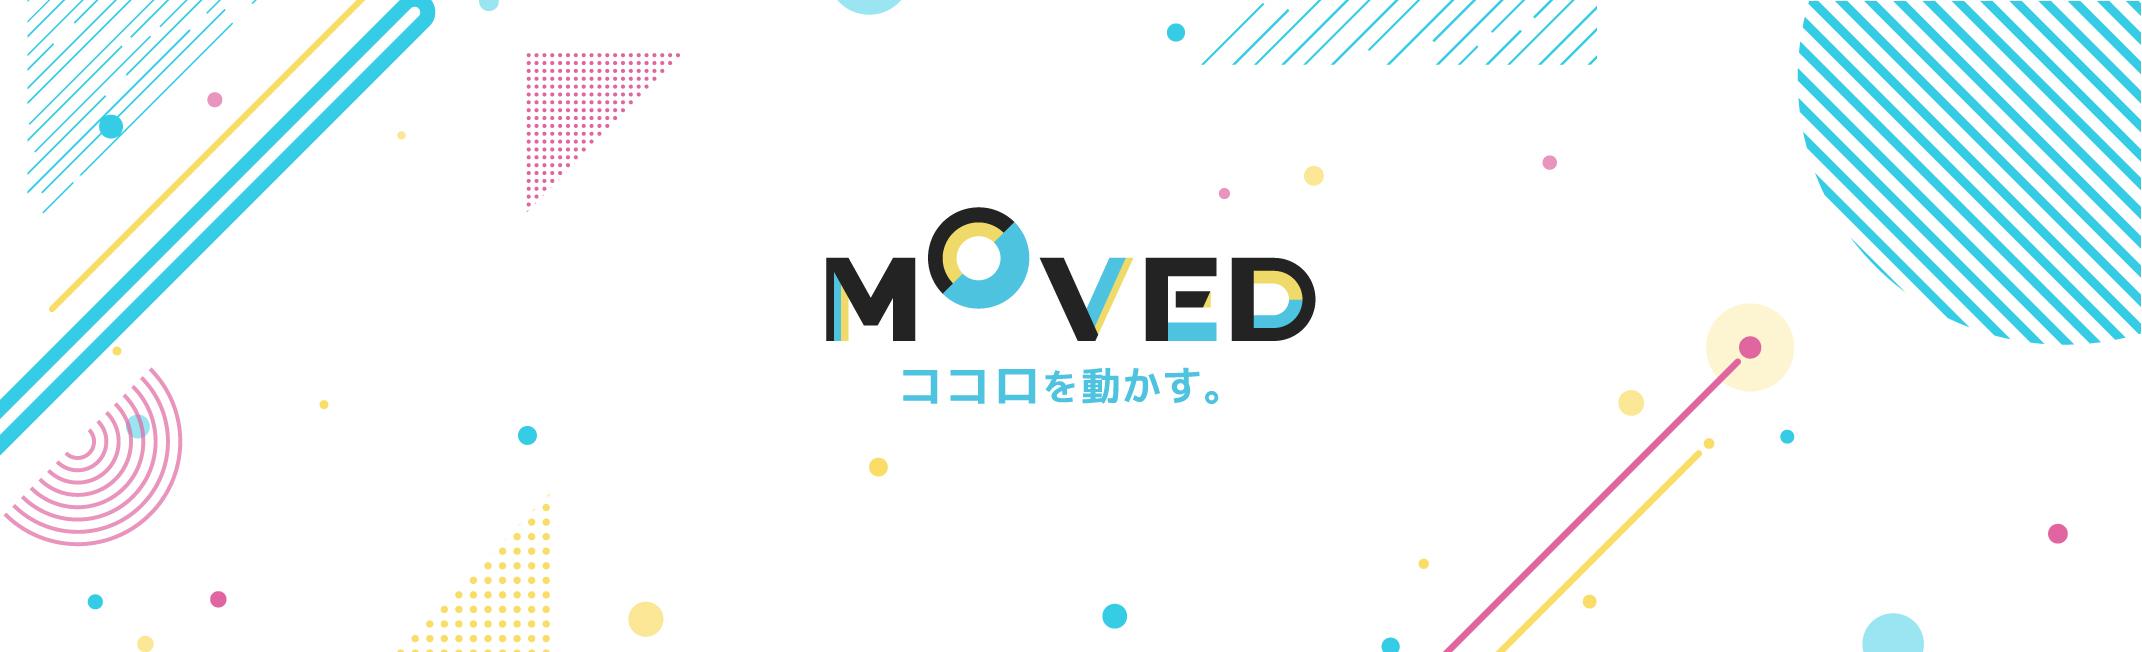 MOVEDのロゴマークについて